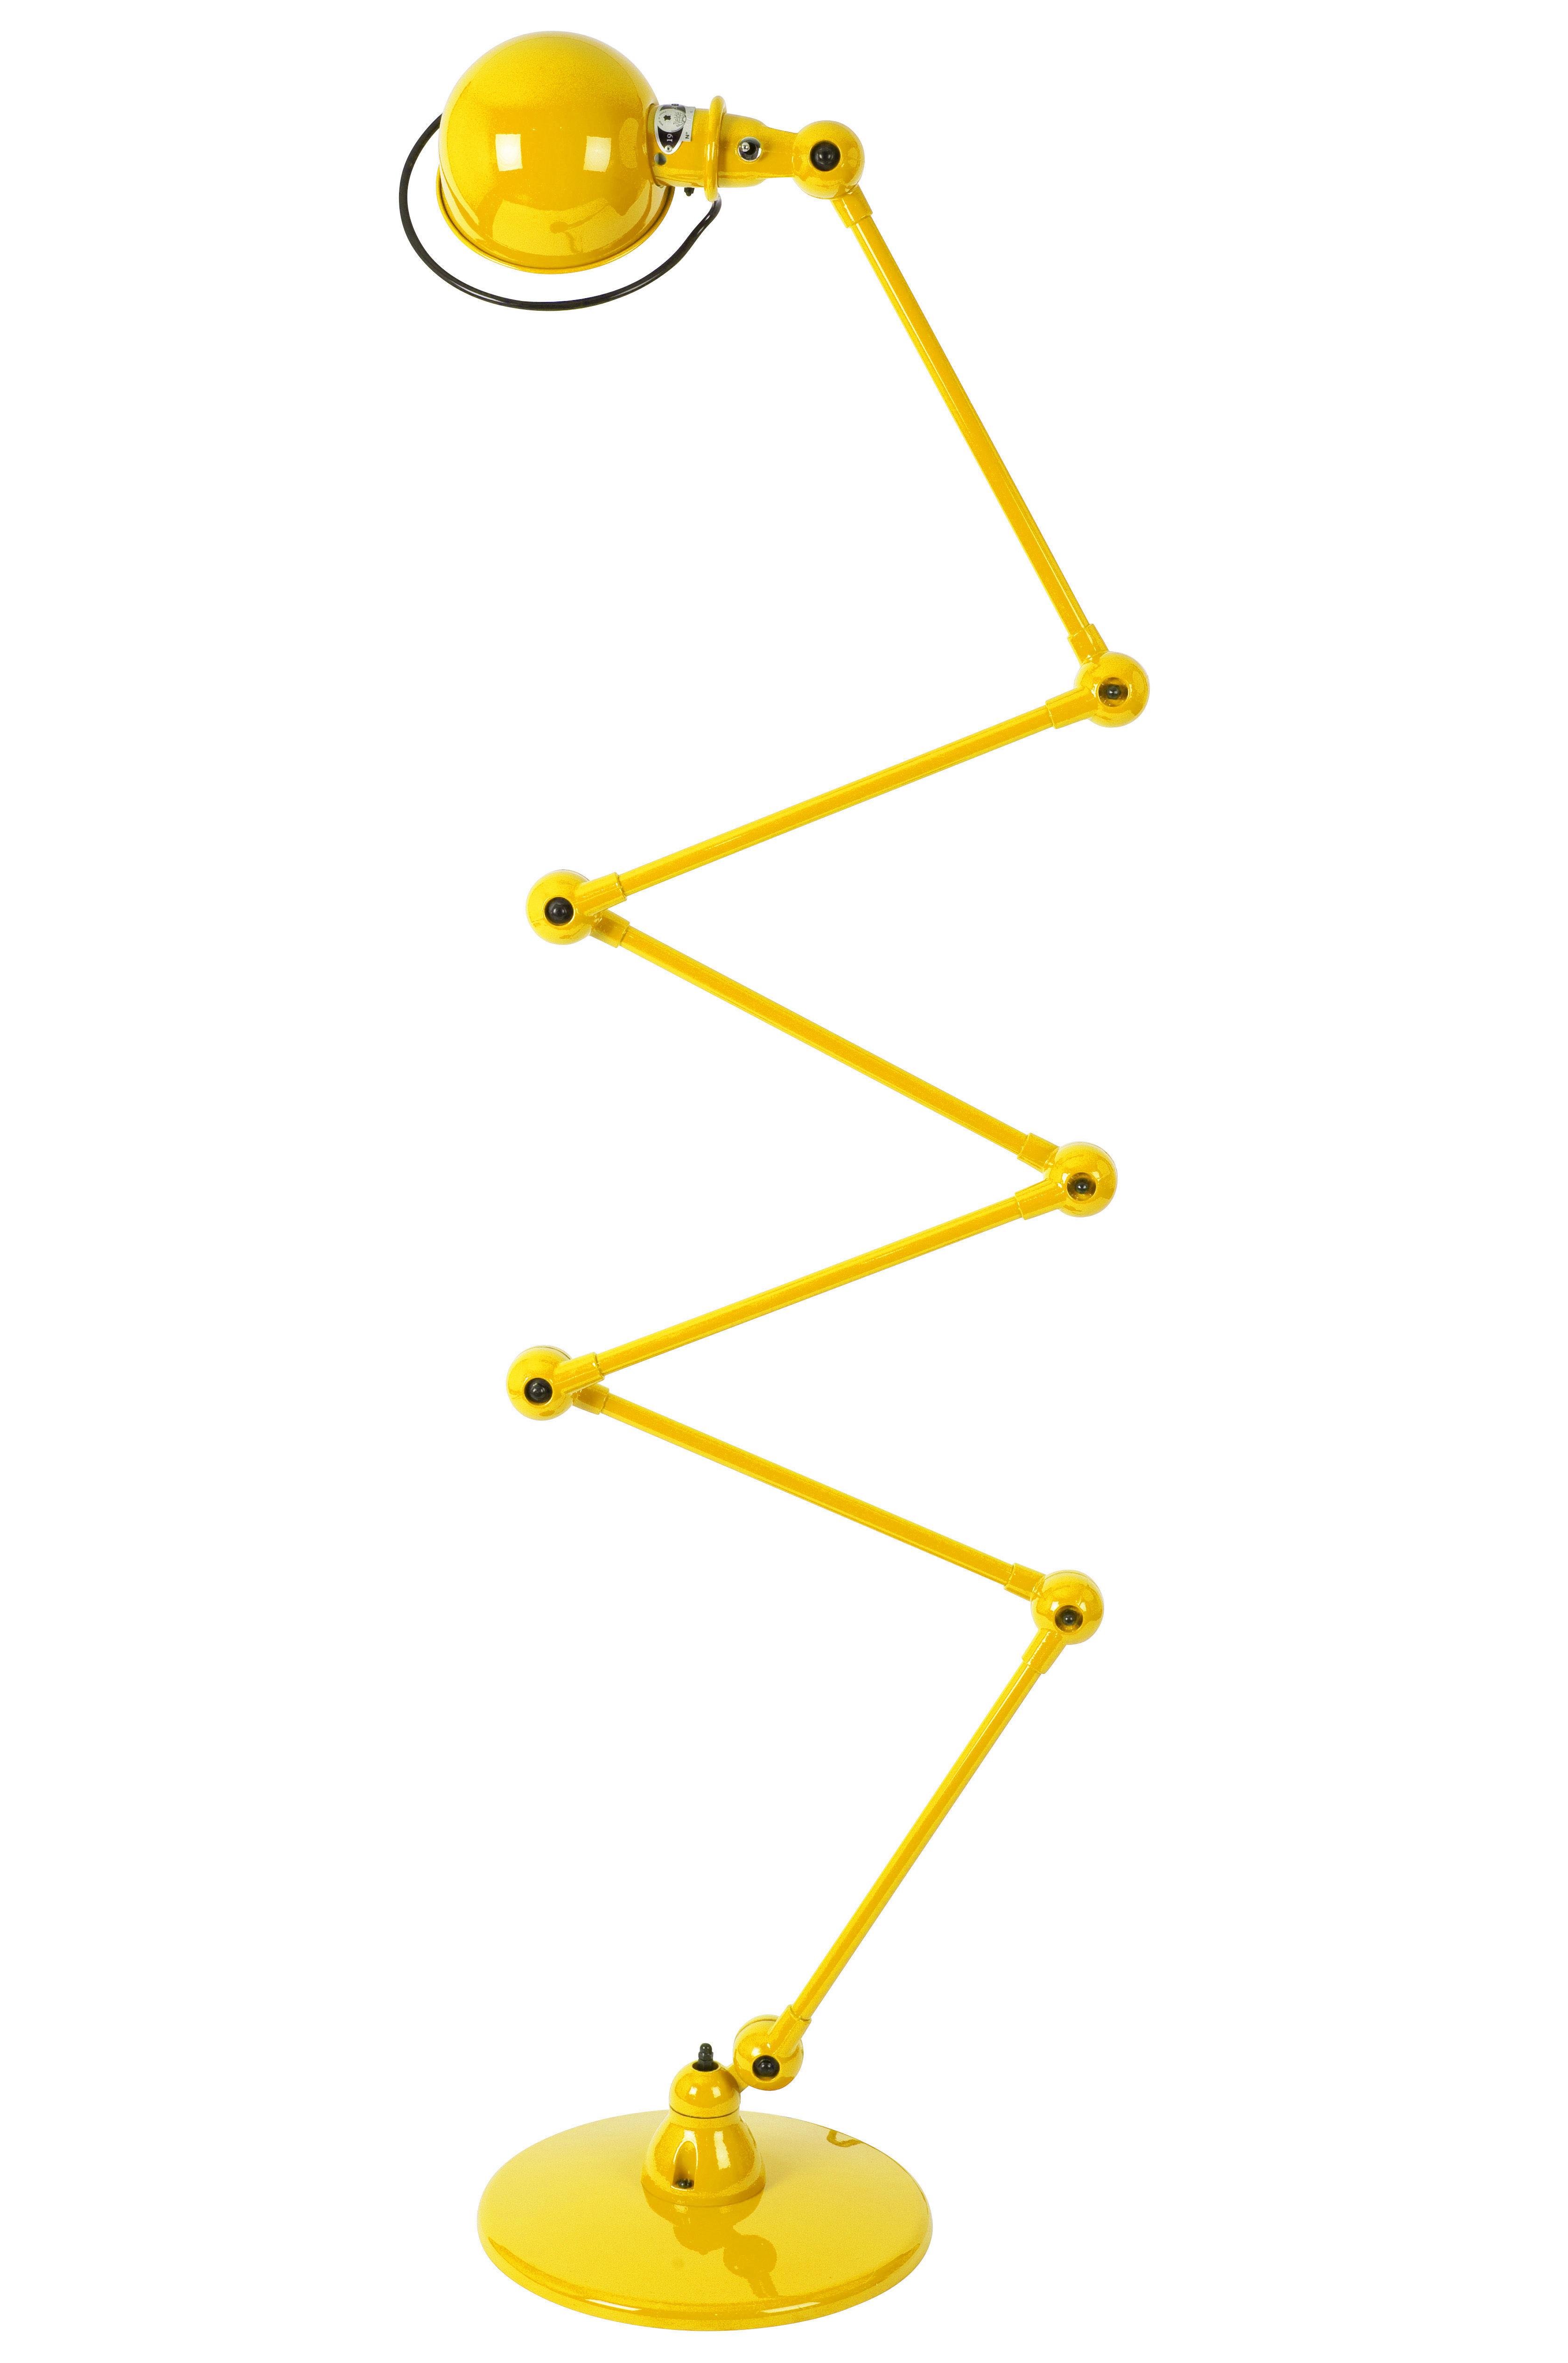 Leuchten - Stehleuchten - Loft Zigzag Stehleuchte / mit 6 Gelenkarmen - H max. 240 cm - Jieldé - Senffarben, glänzend - rostfreier Stahl